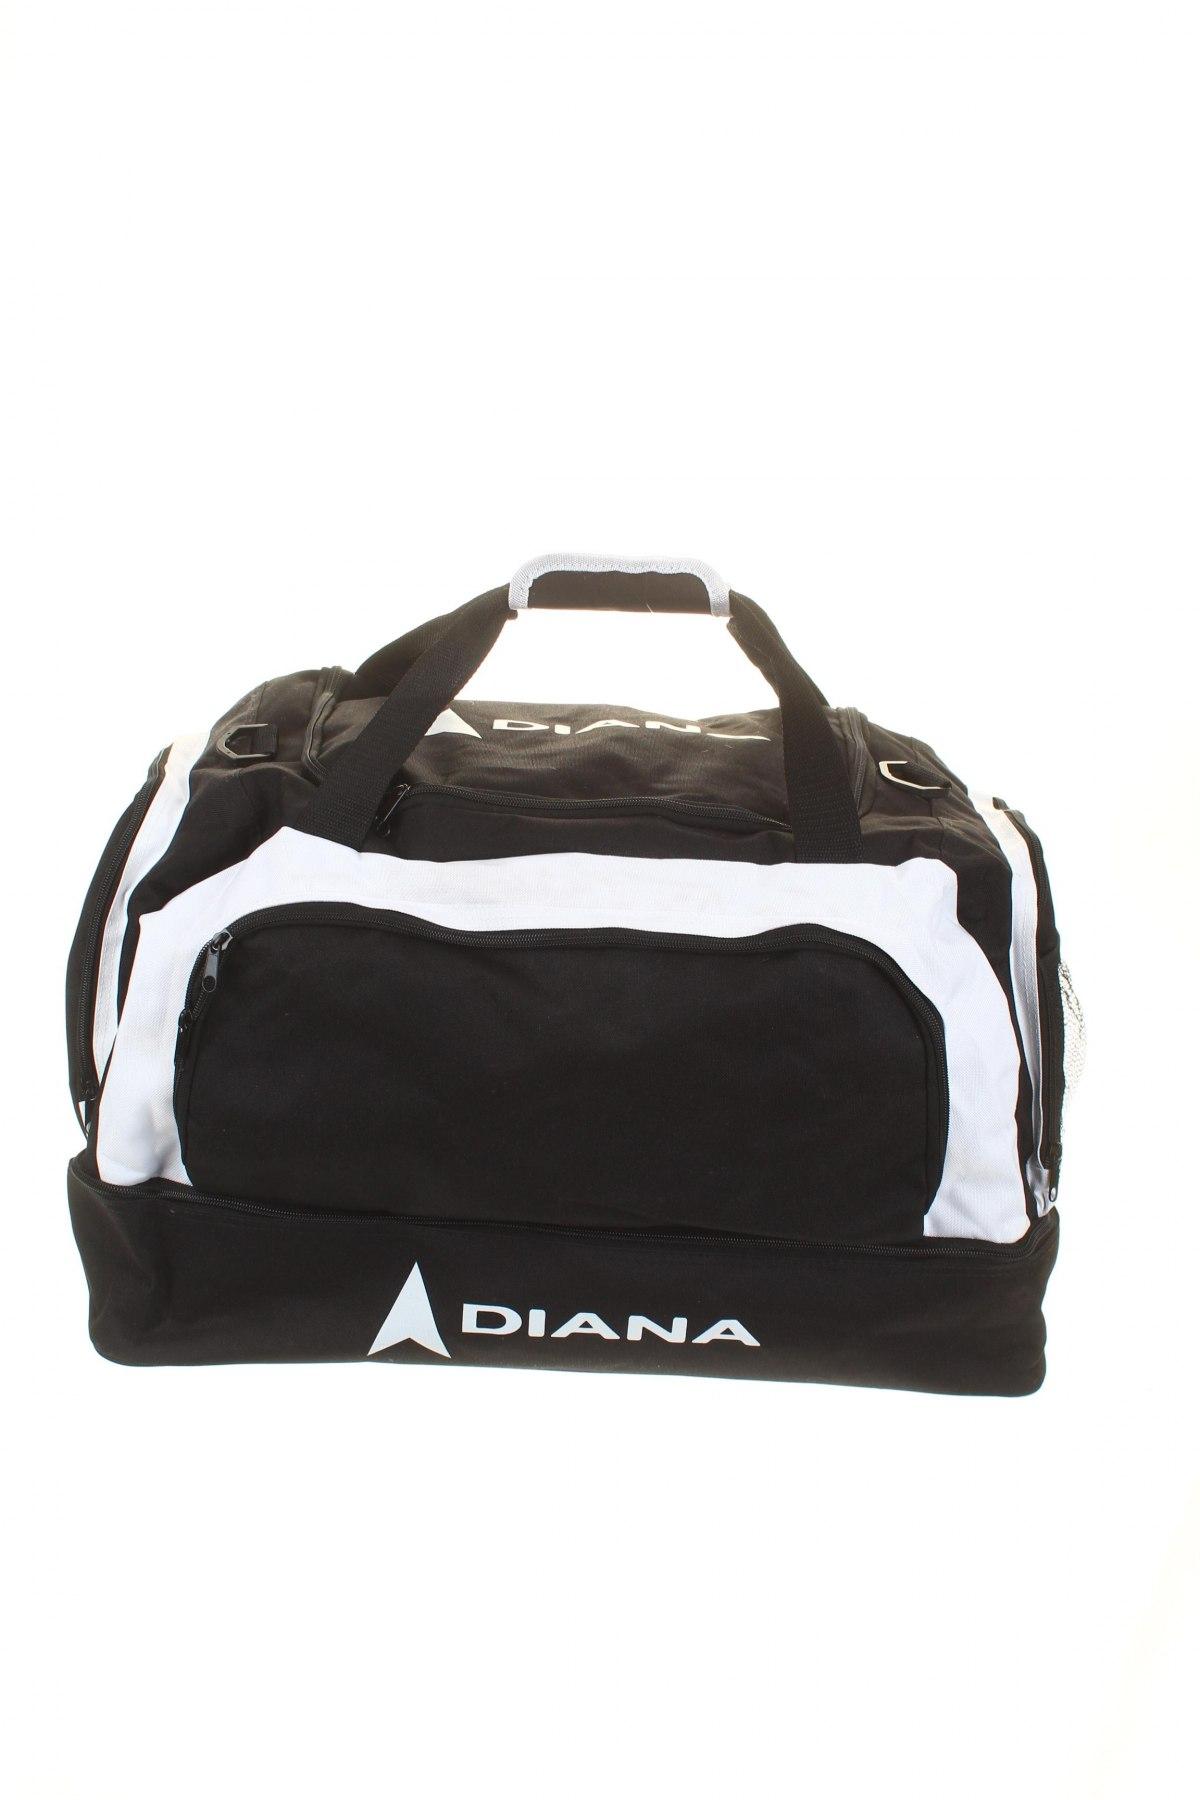 Σακίδιο ταξιδιού Diana